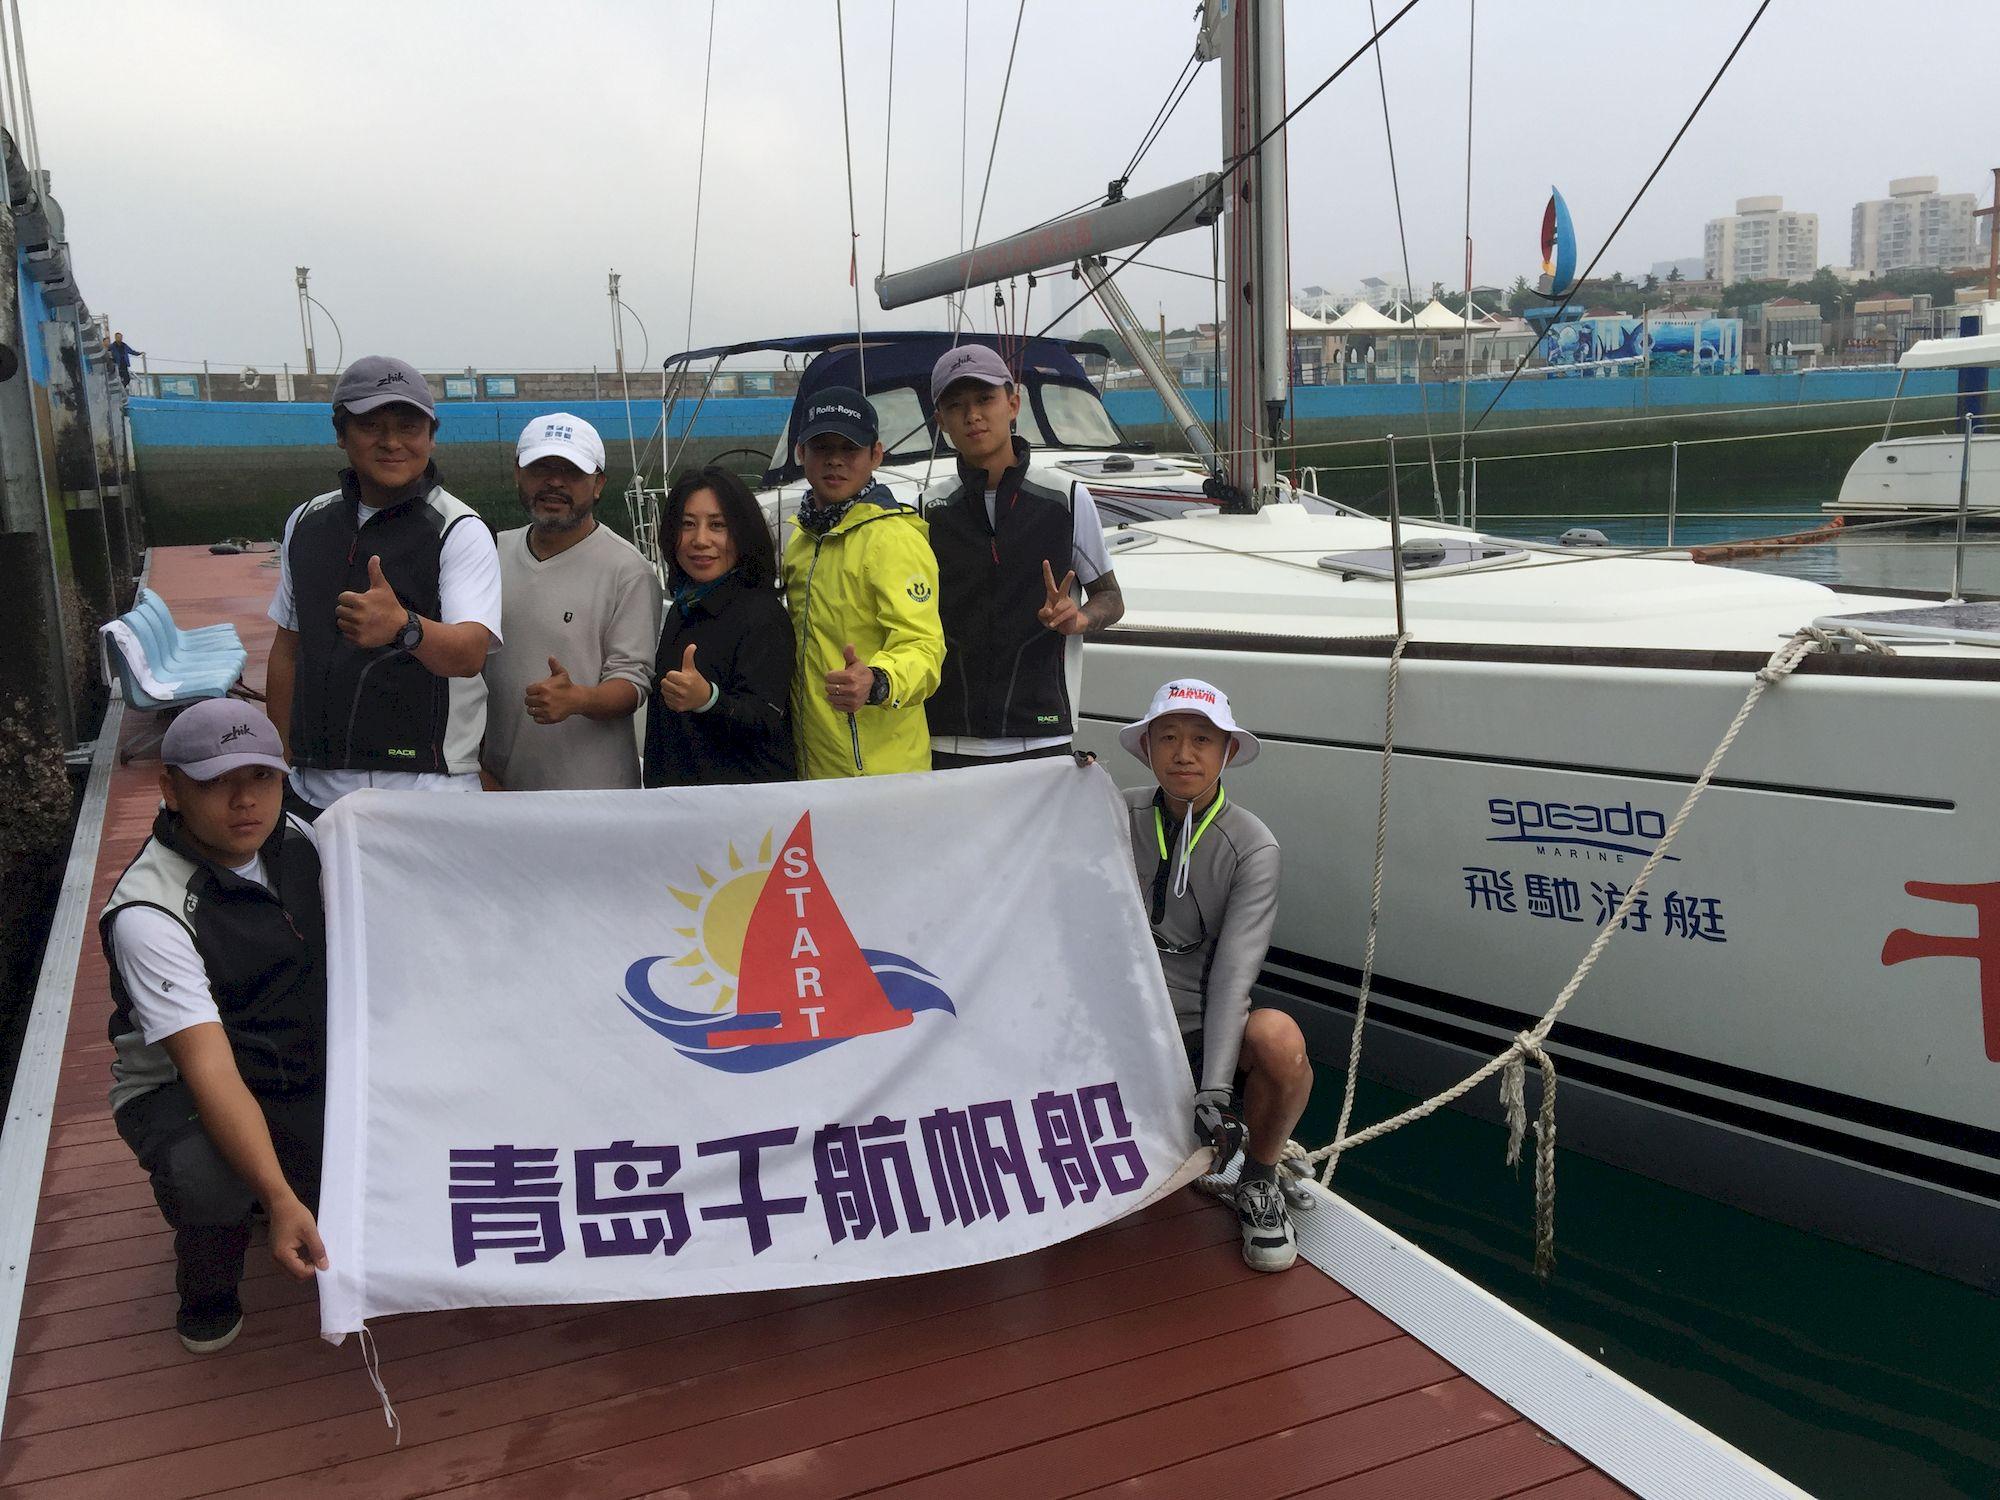 005-IMG_2534_千帆俱乐部我要航海网帆船队-2016威海-仁川国际帆船赛.JPG